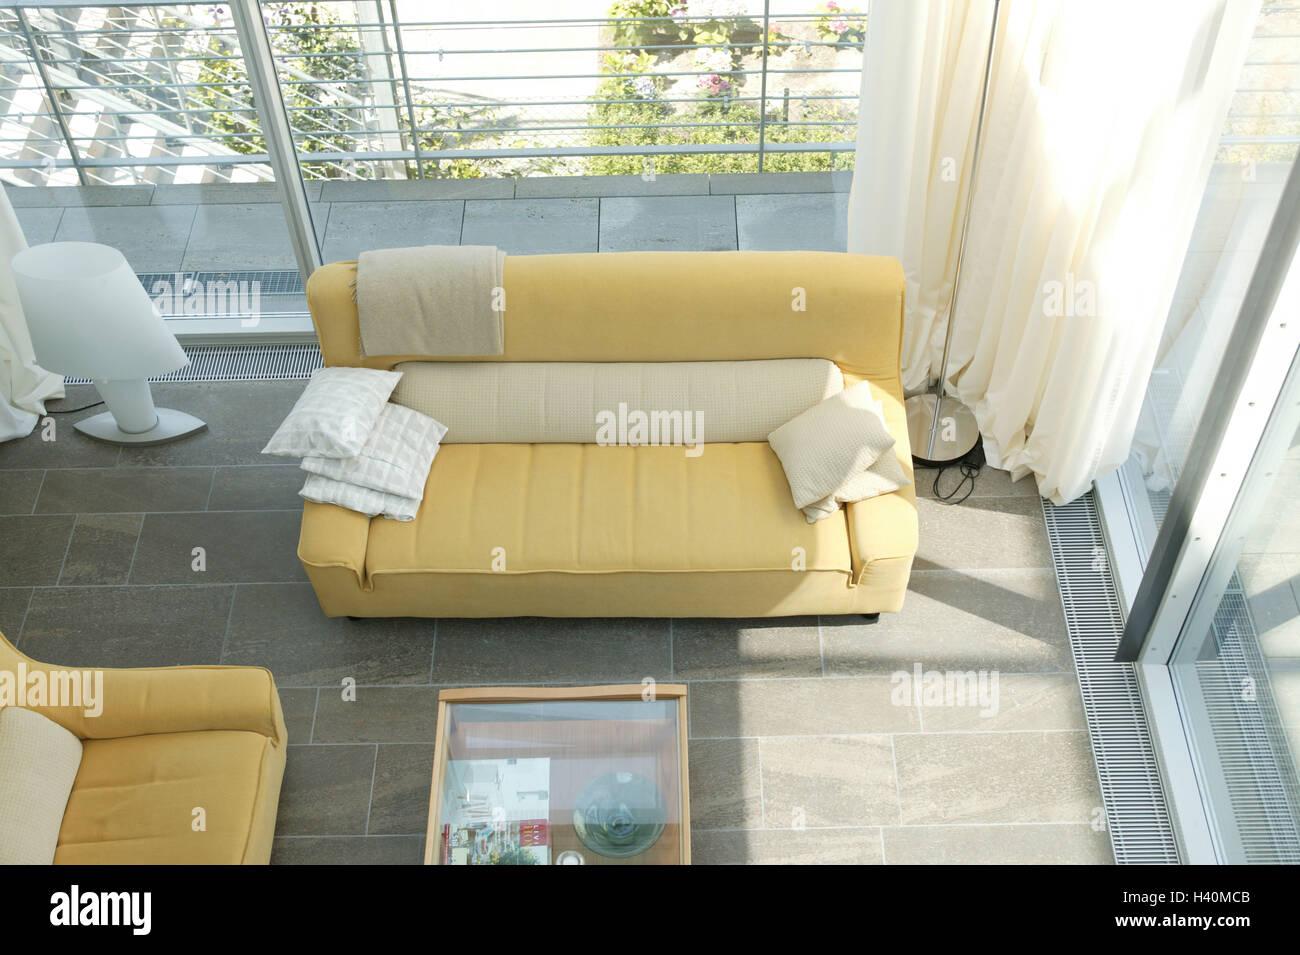 Unglaublich Sofa Wohnzimmer Beste Wahl Wohnzimmer, Panoramafenster, Couch, Von Oben, Immobilien, Neubau,